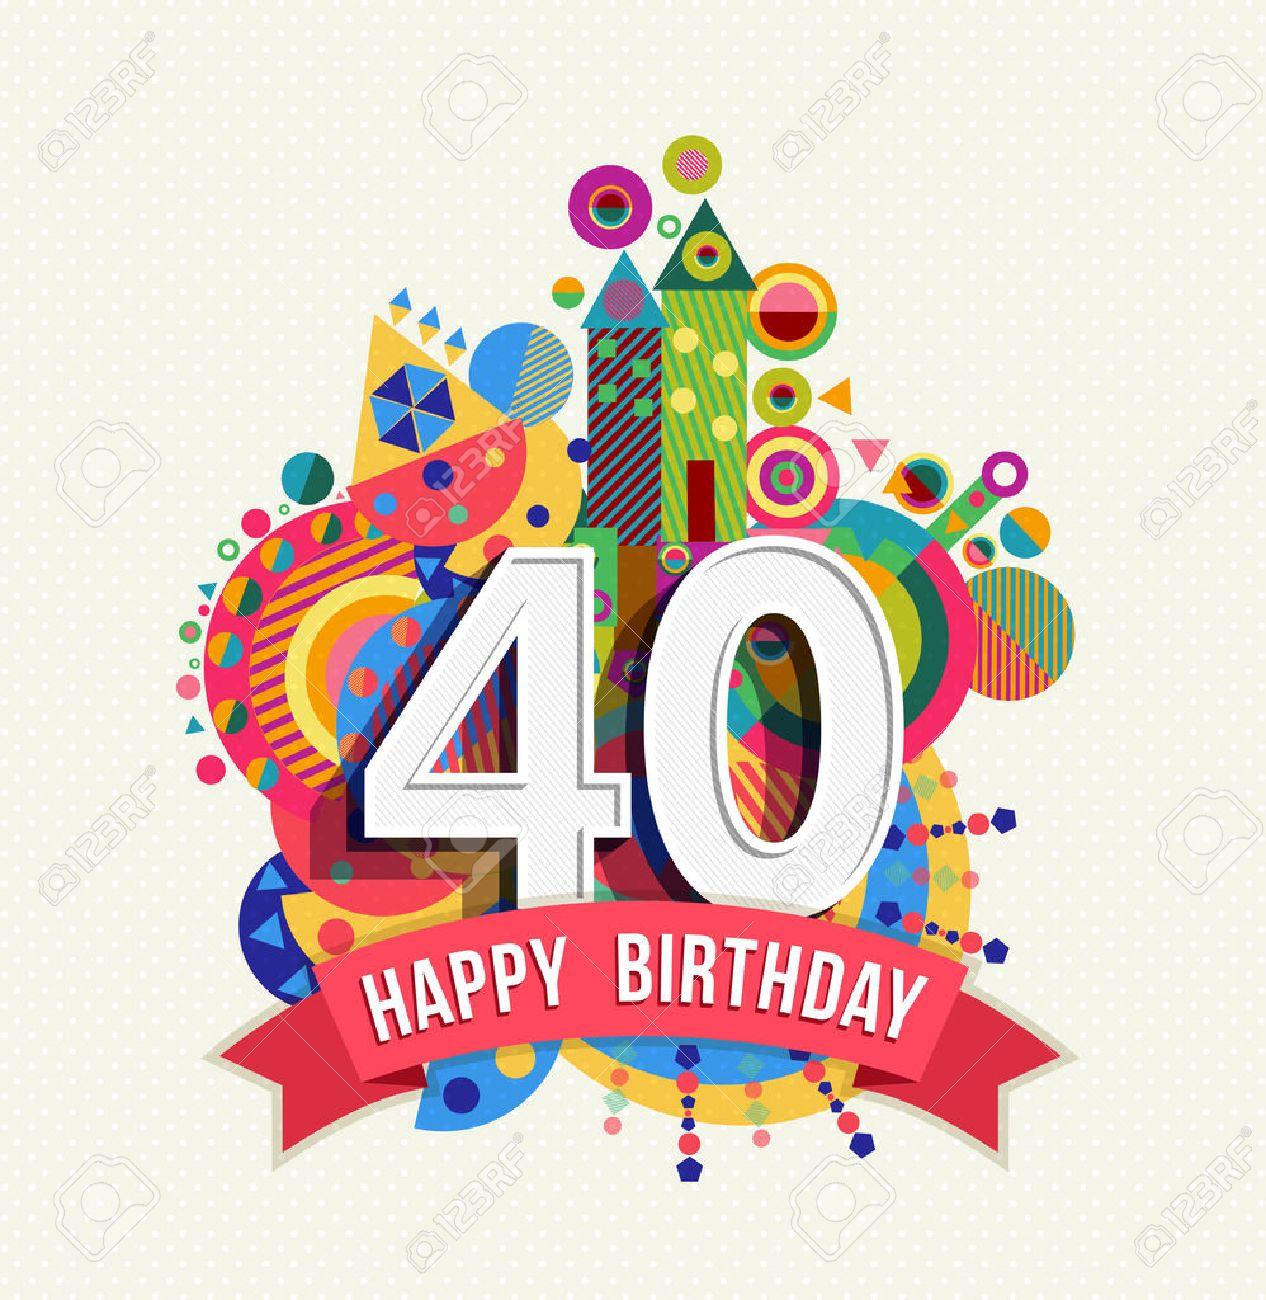 40 40 年お誕生日おめでとうございます楽しいお祝いグリーティング